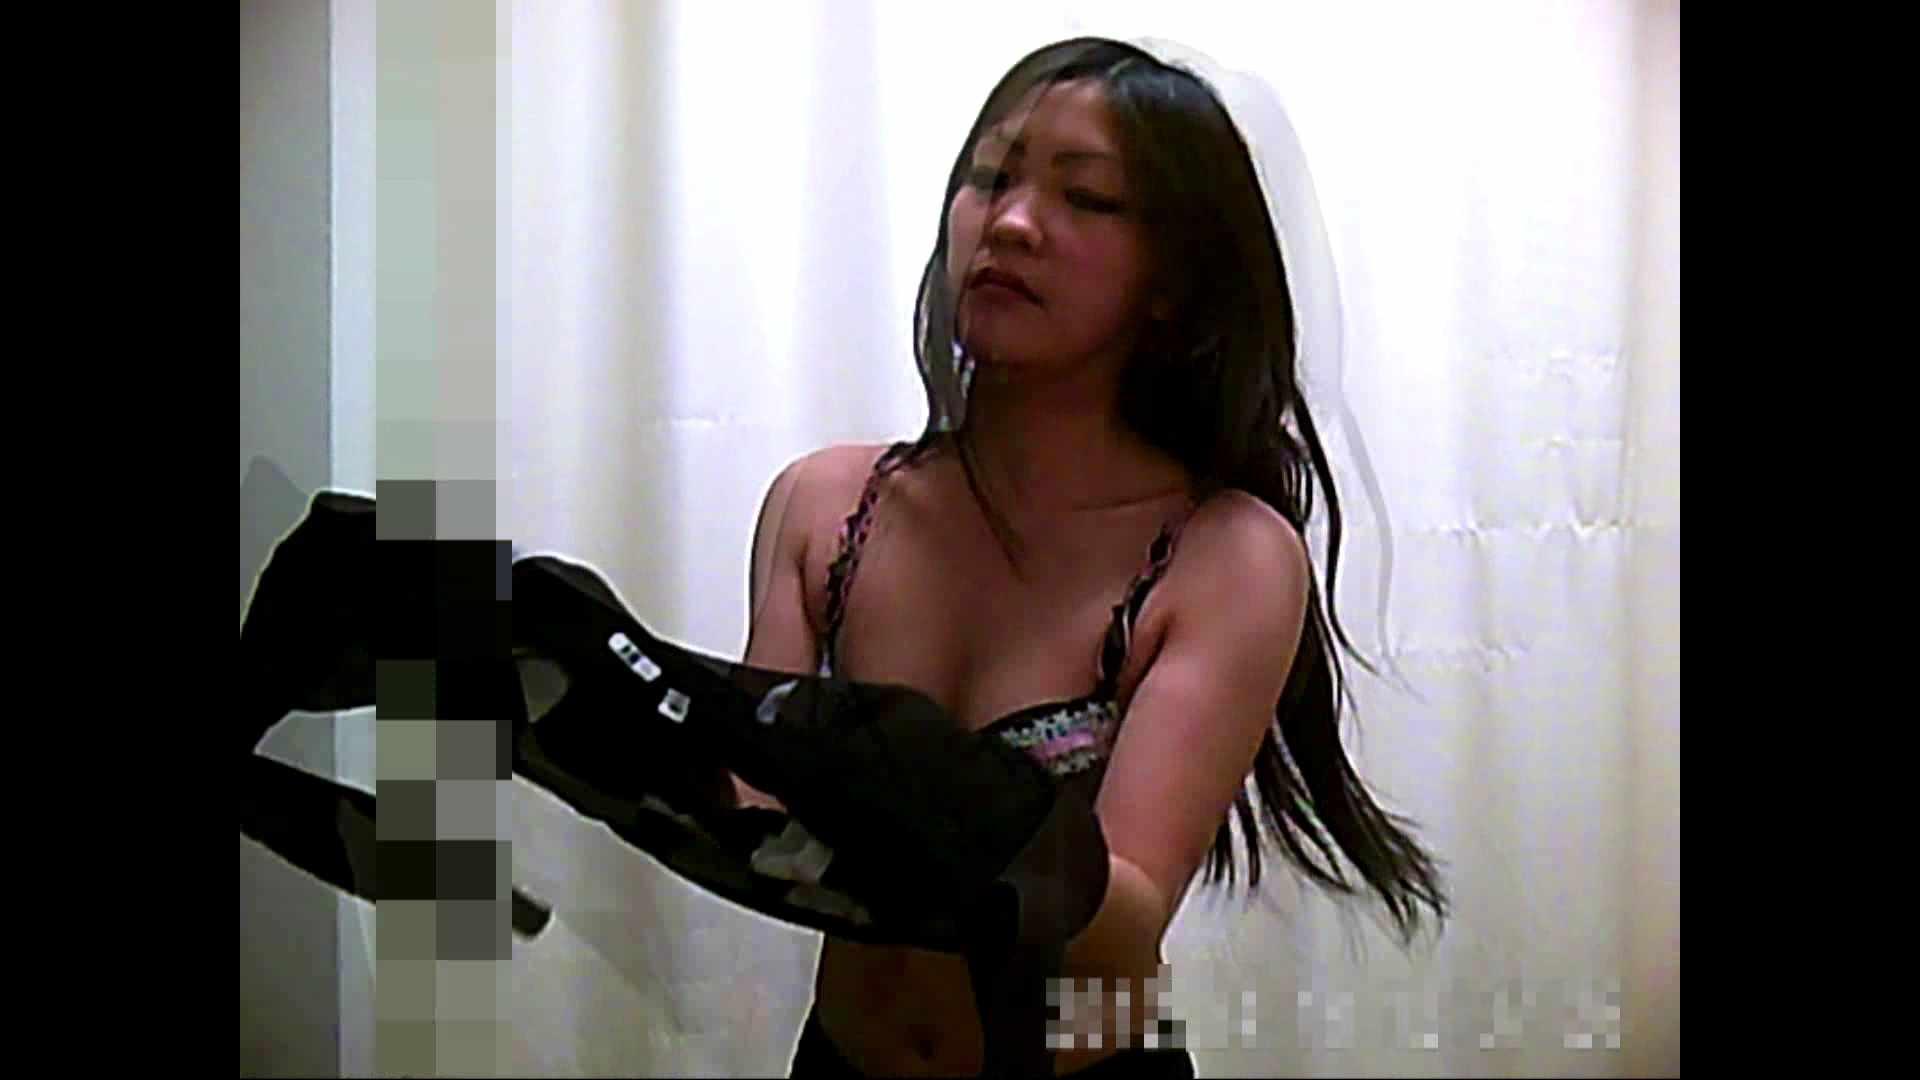 元医者による反抗 更衣室地獄絵巻 vol.015 エッチなOL  94枚 18